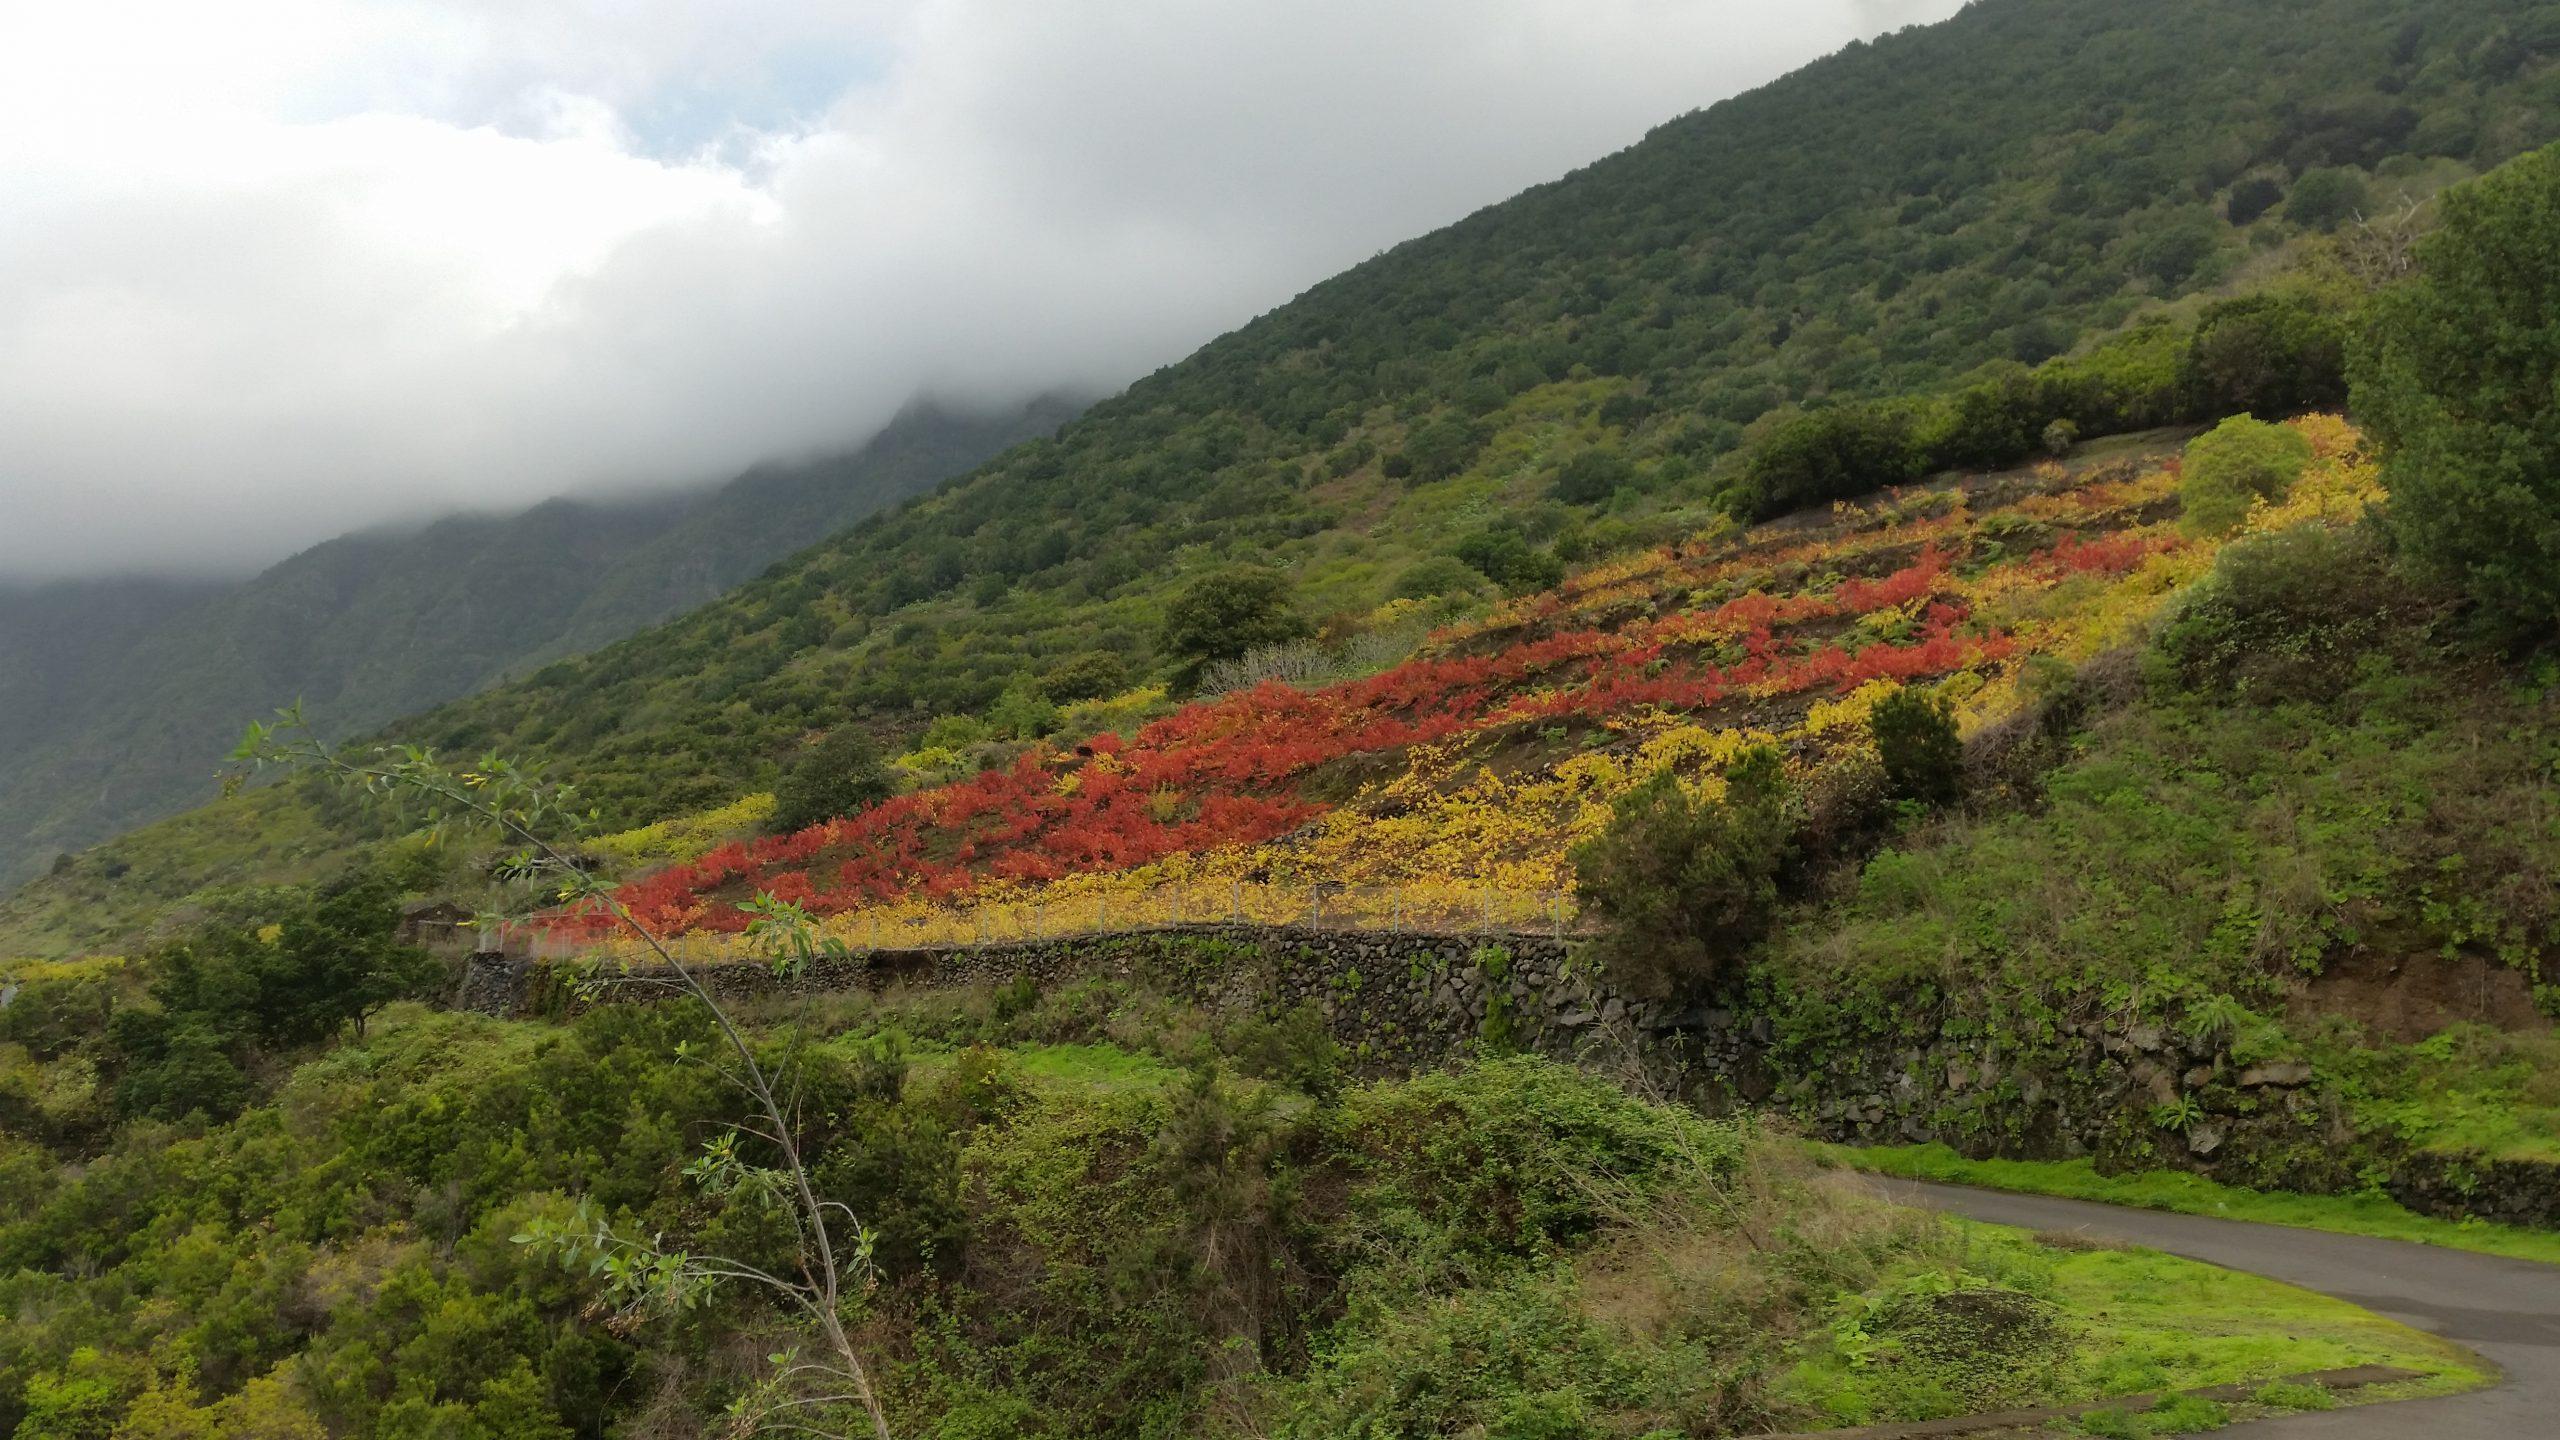 Foto nº3. La uva baboso destacan por el colorido rojizo de sus hojas (pámpanos)